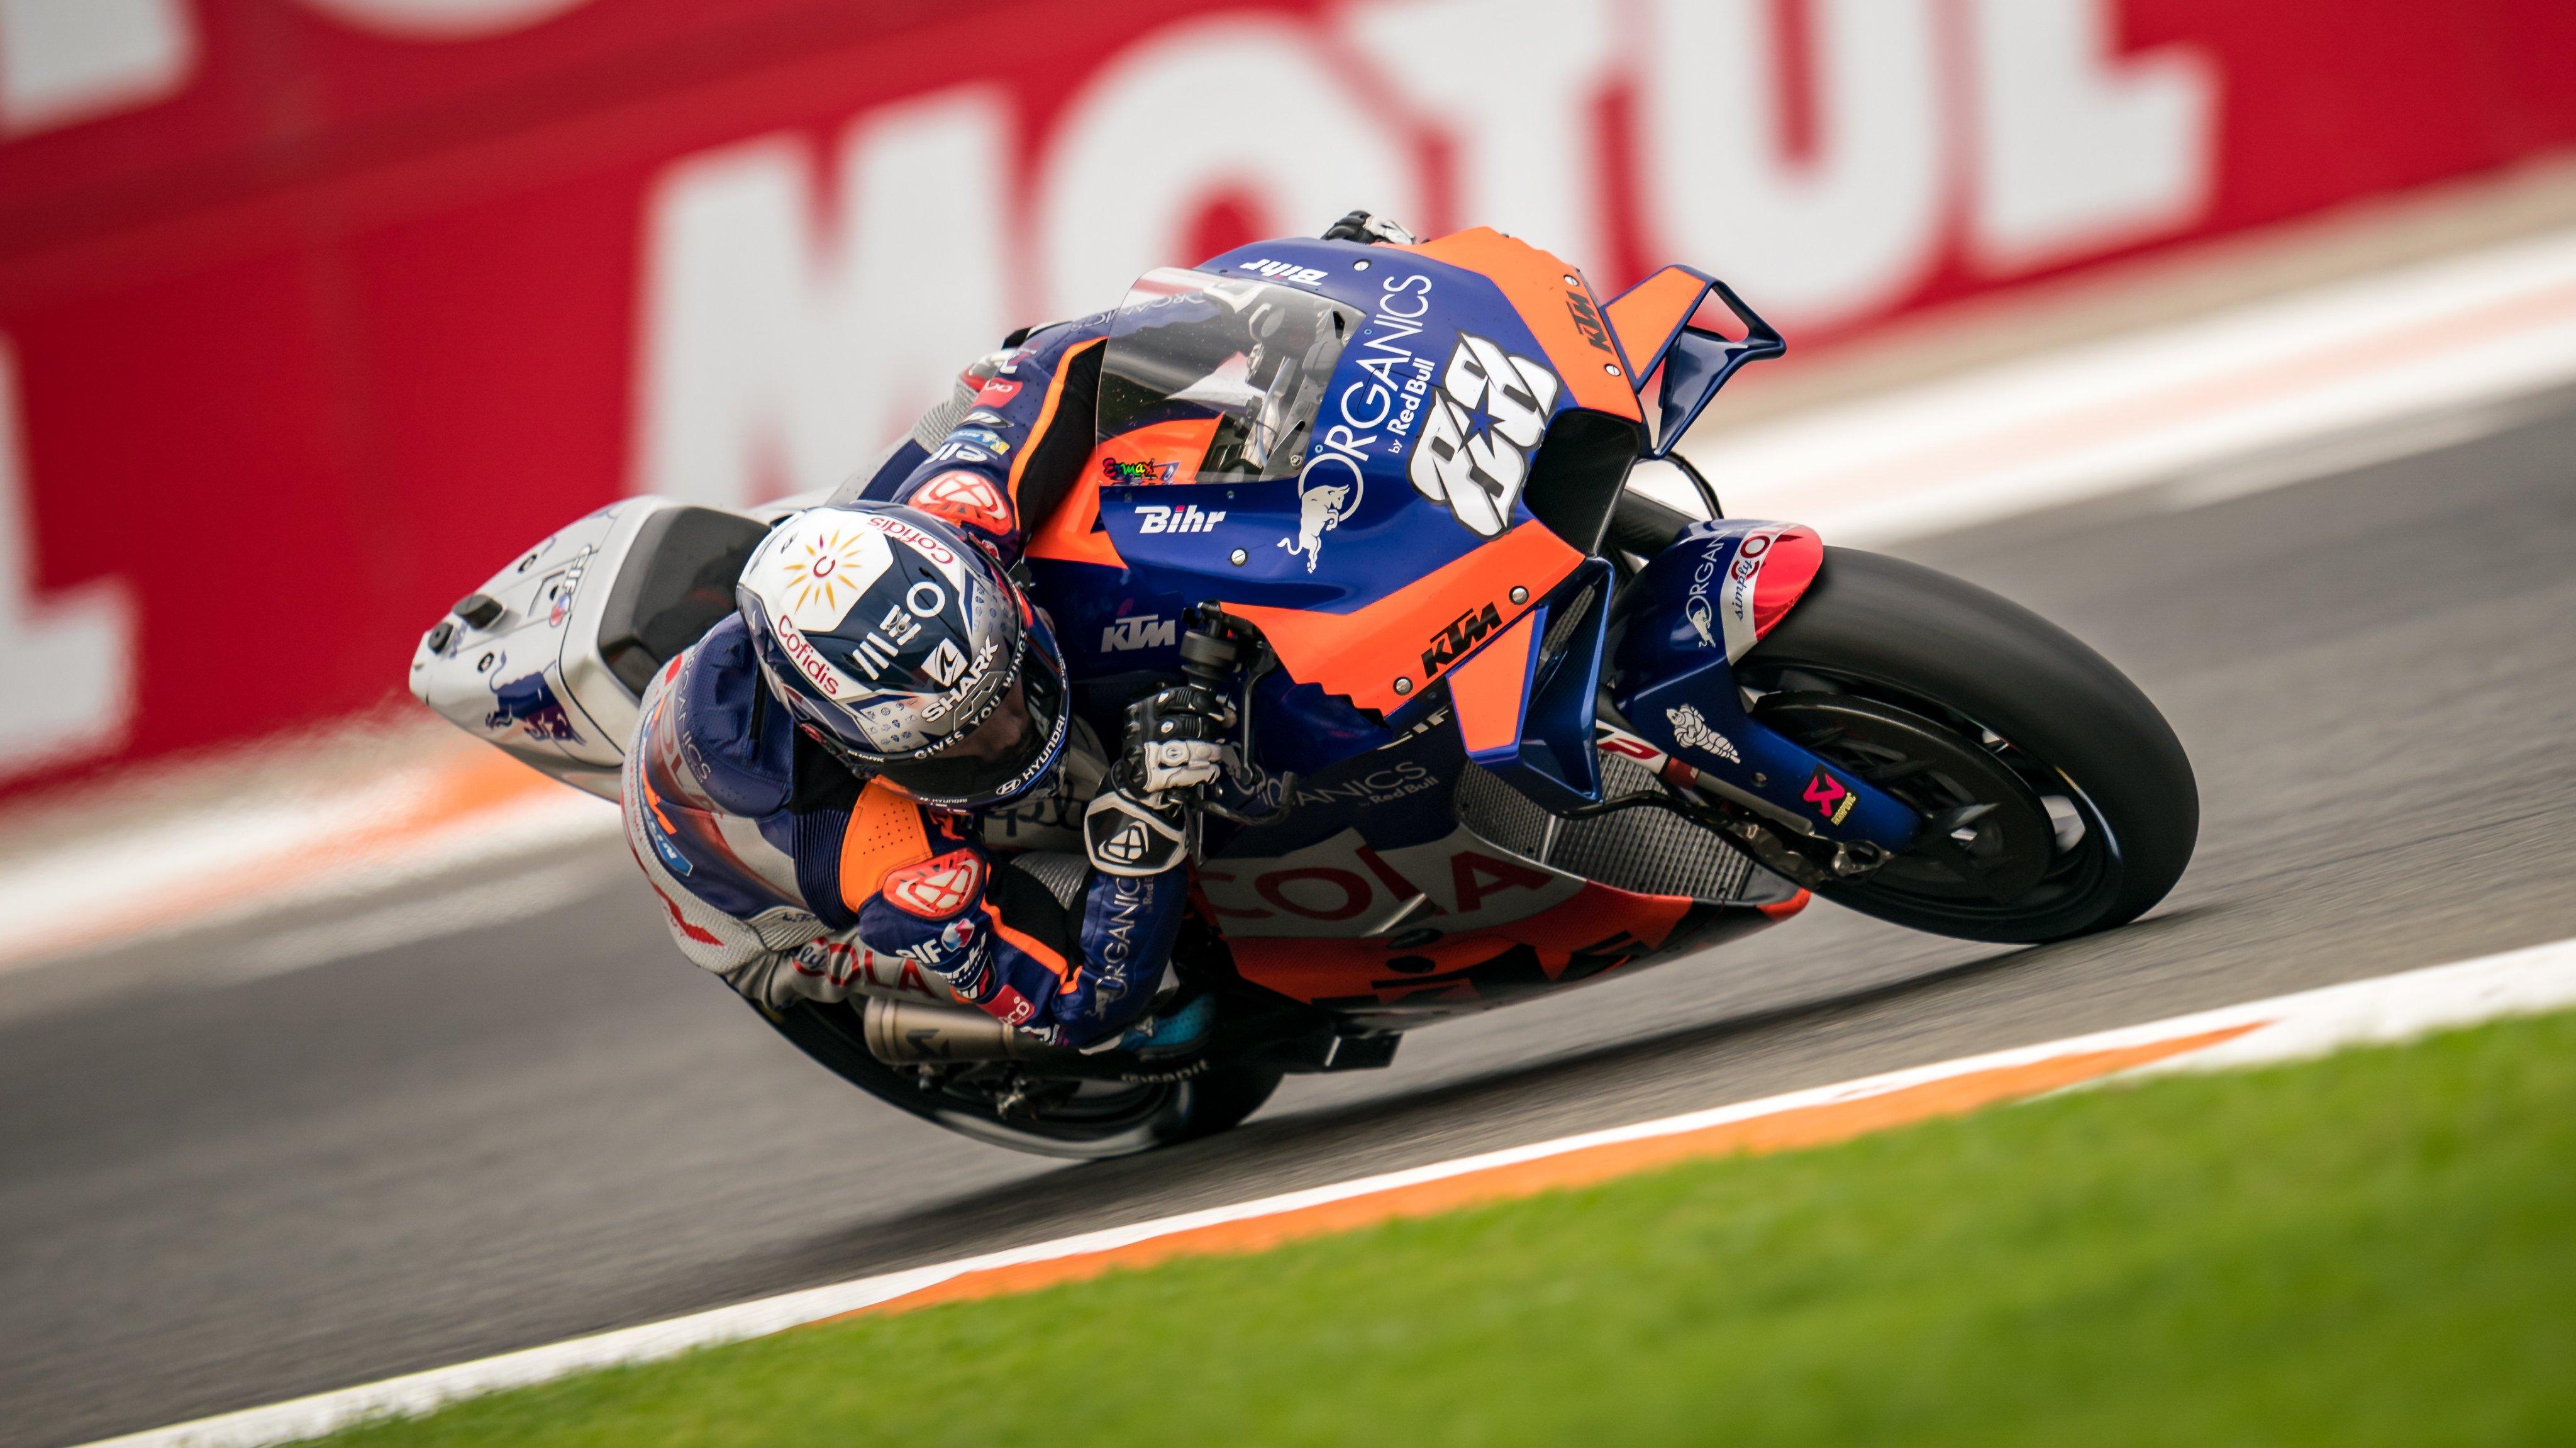 MotoGP of Comunitat Valenciana: Qualifying